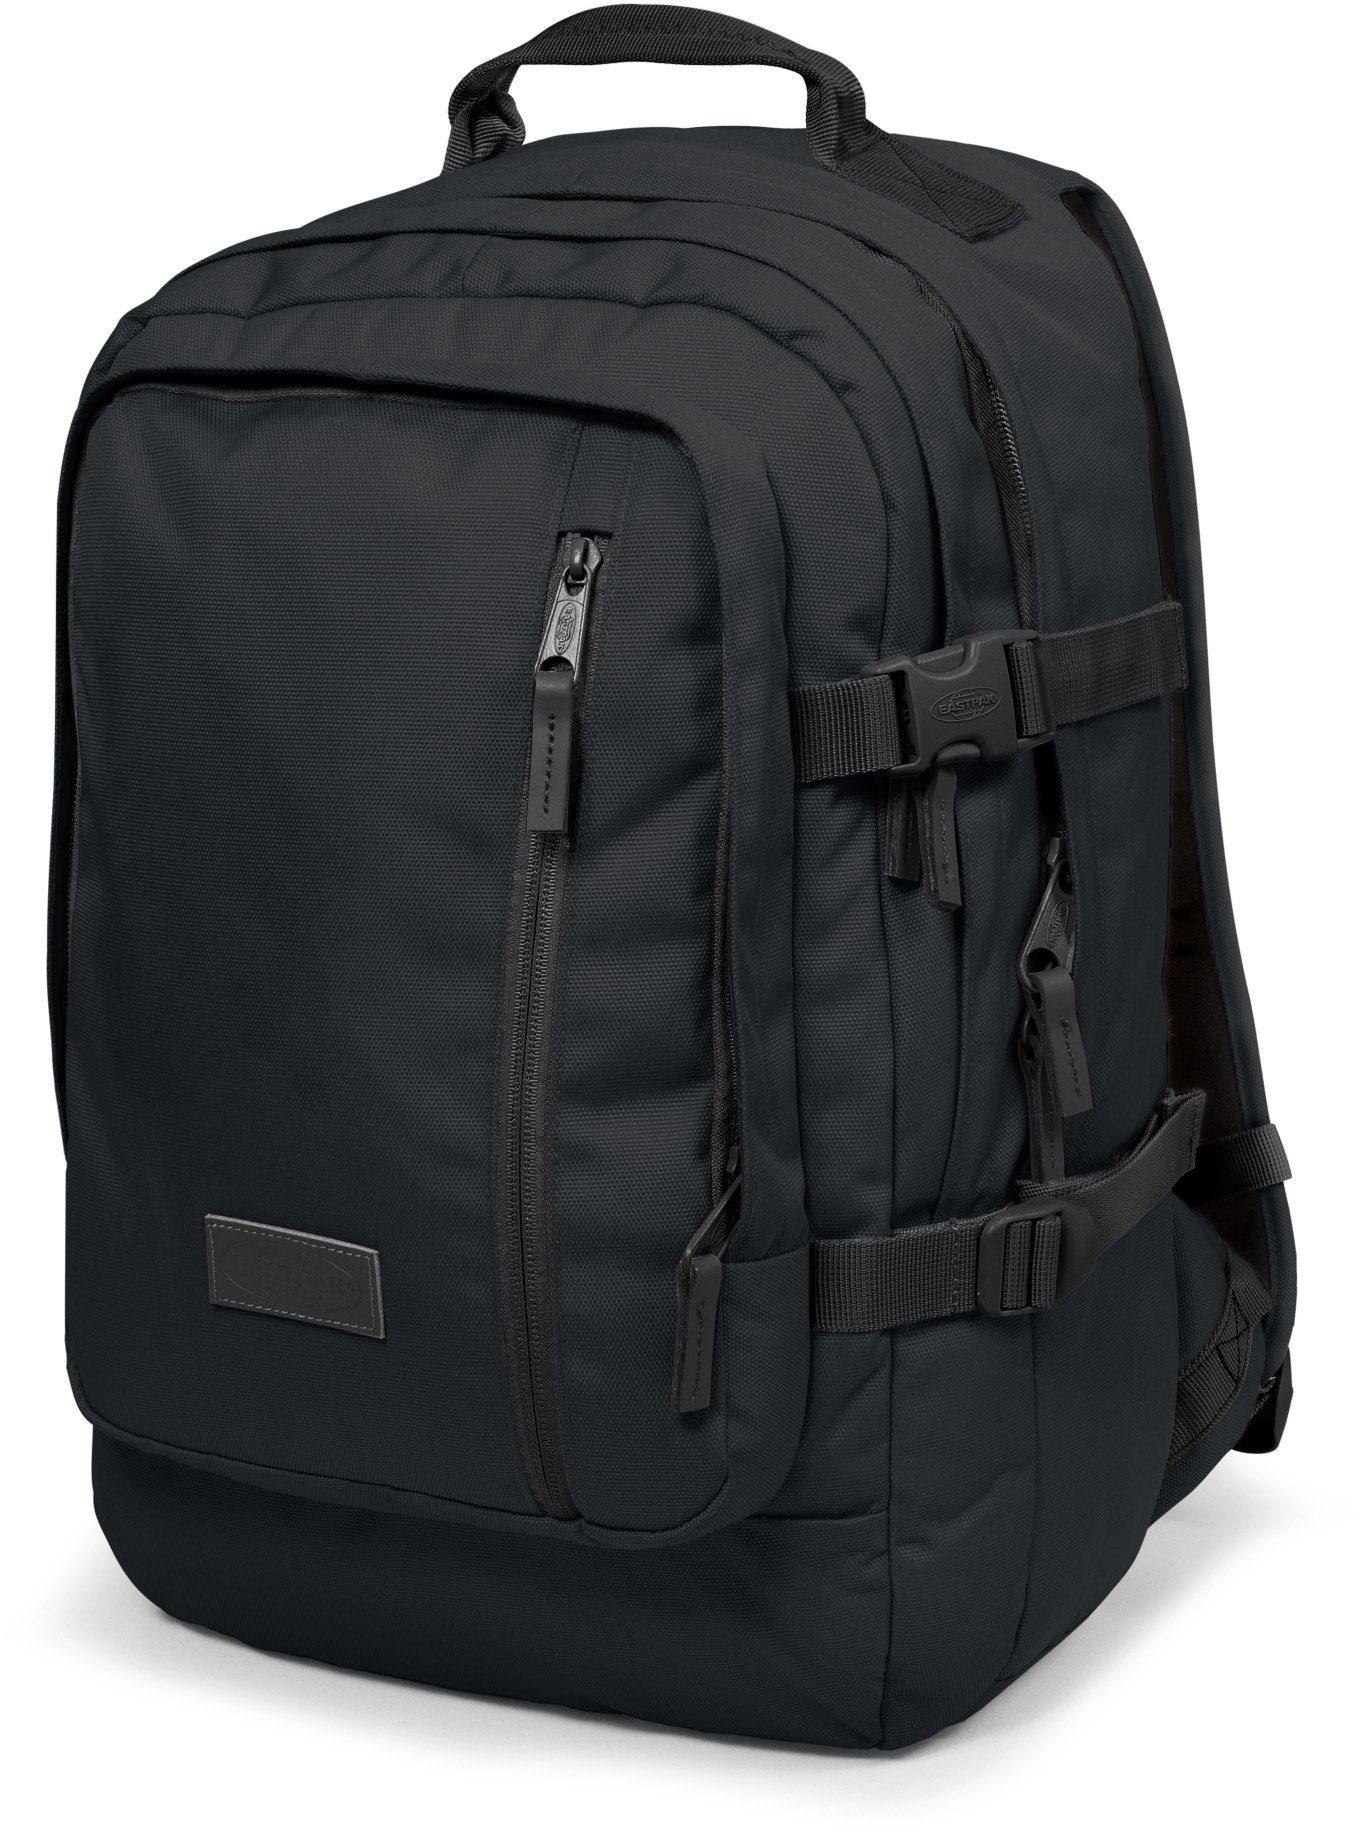 Eastpak Rucksack mit Laptopfach, »VOLKER black«